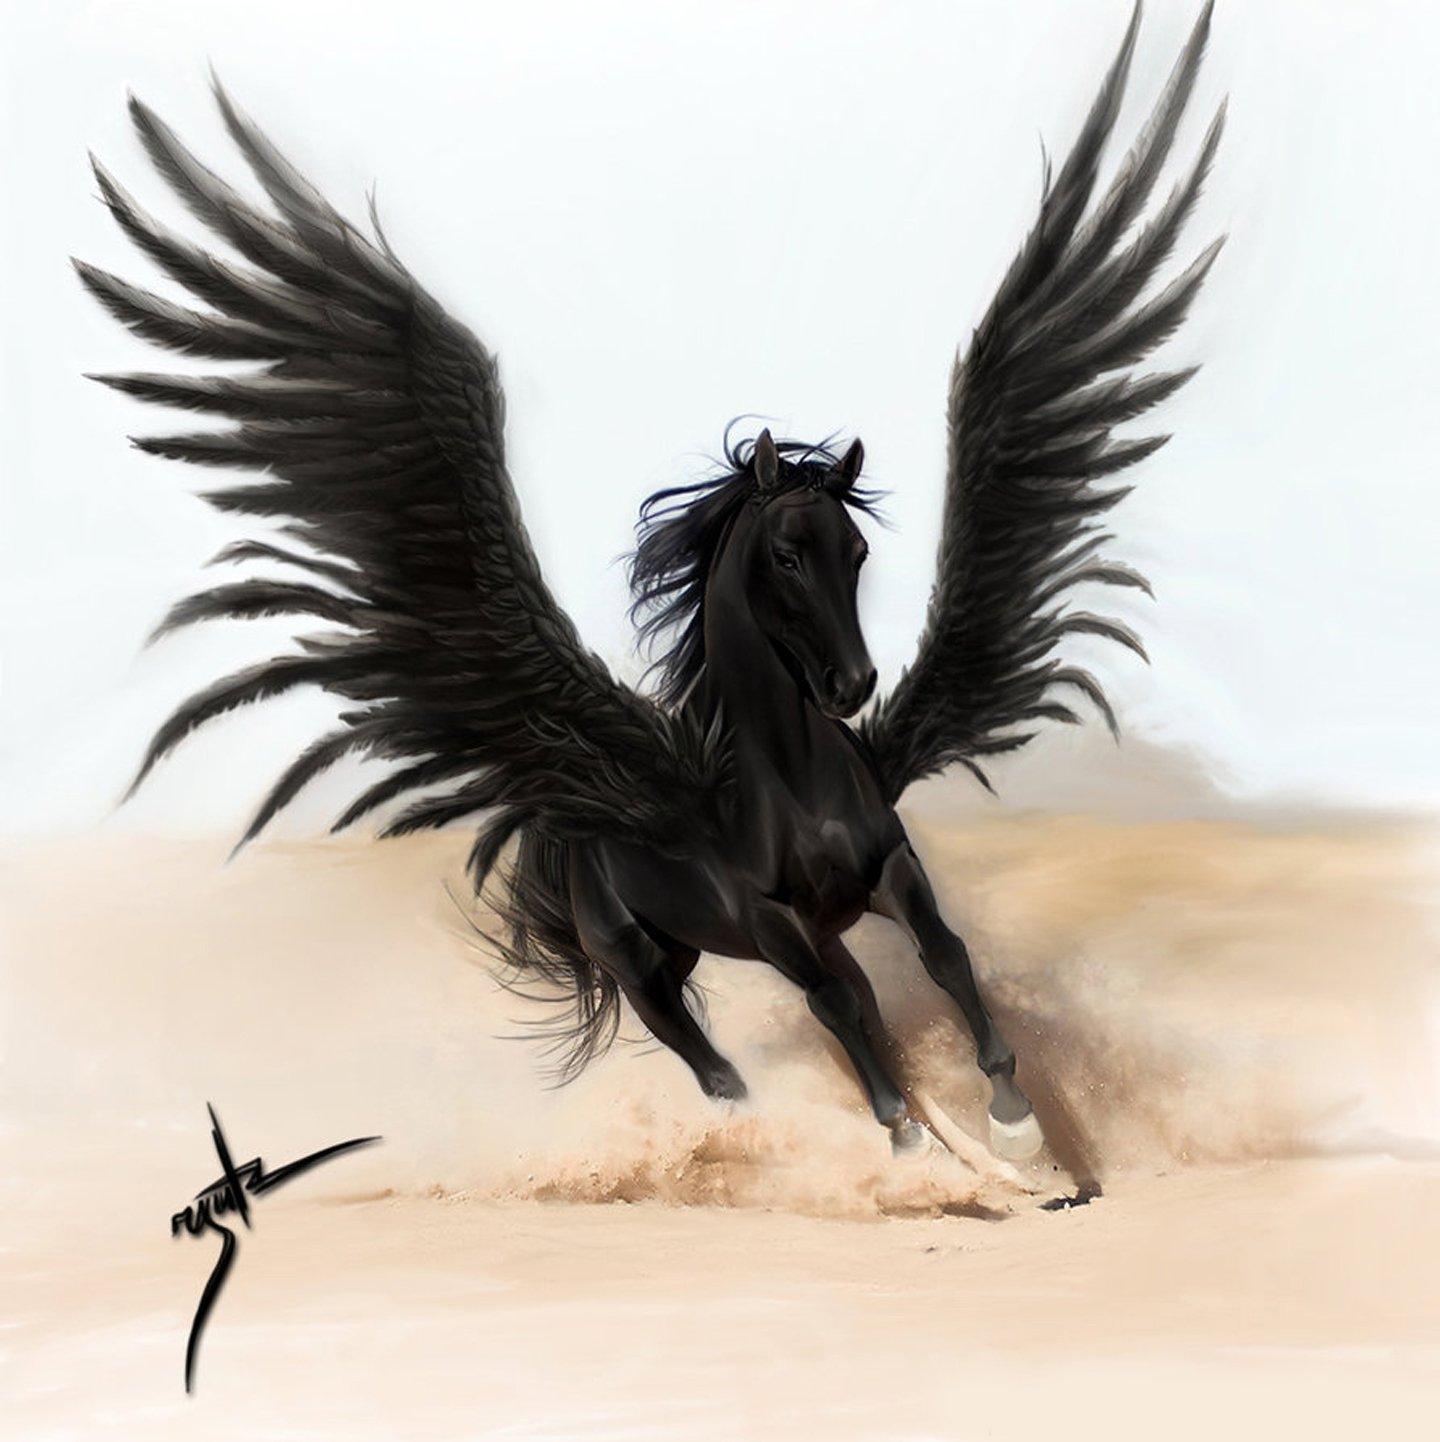 Fantasy Horse Pegasus Wings Black Beautiful Wallpaper 1440x1442 594334 Wallpaperup